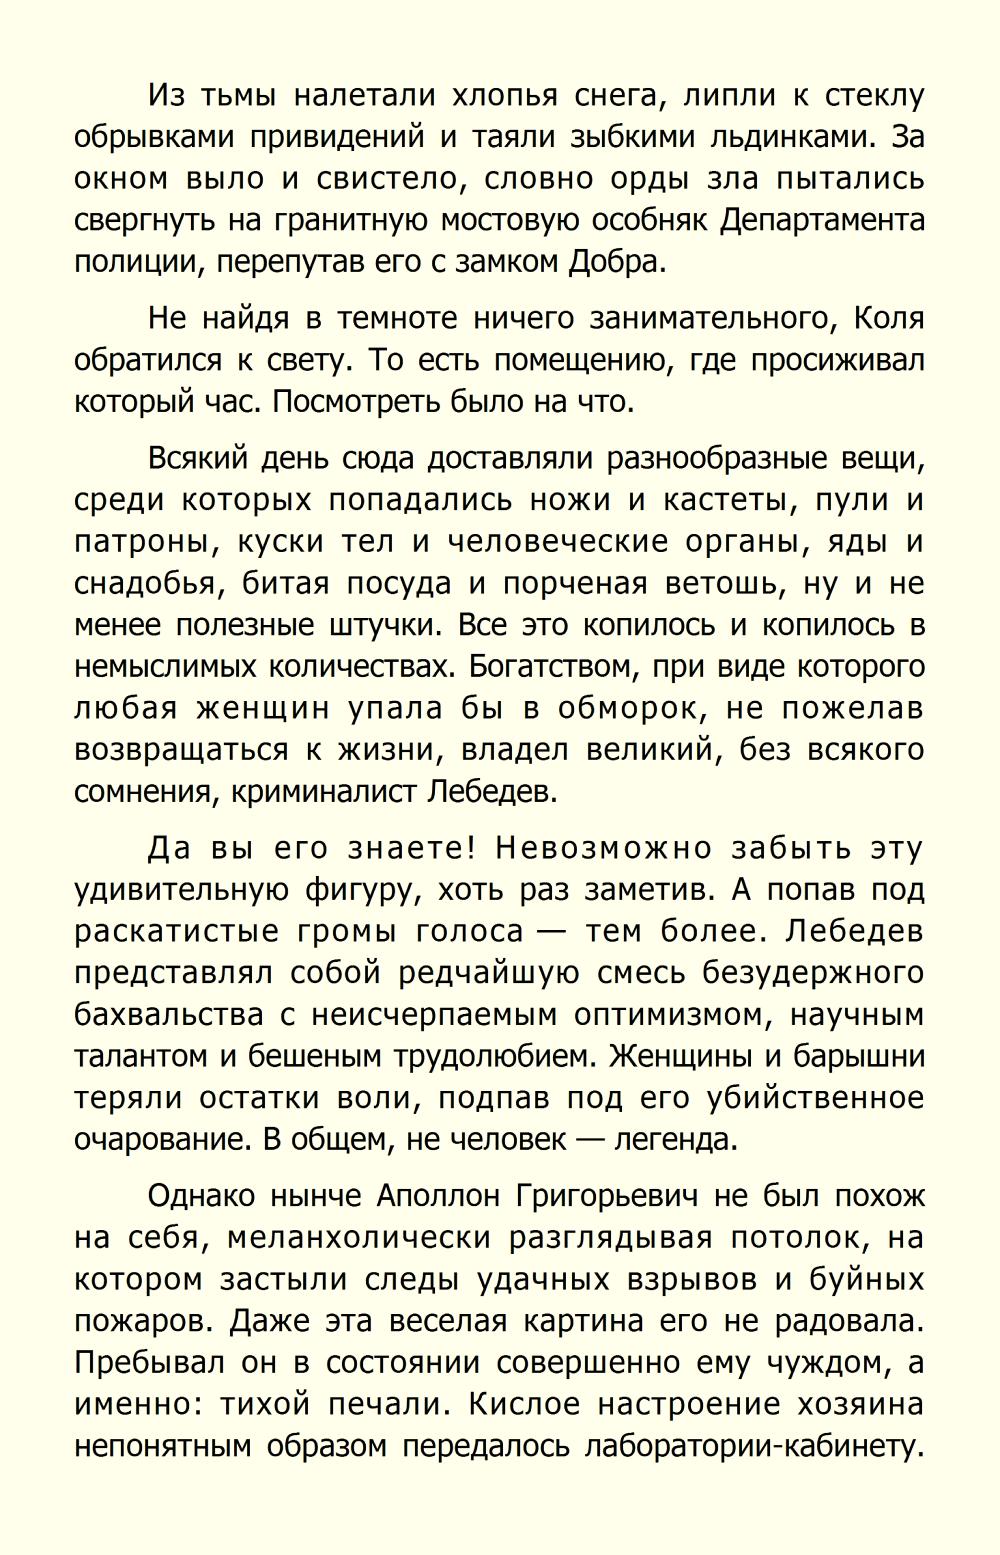 http://i2.imageban.ru/out/2013/11/29/d4fa3c9d5d4f65fe2fa06282e15c7c0b.jpg